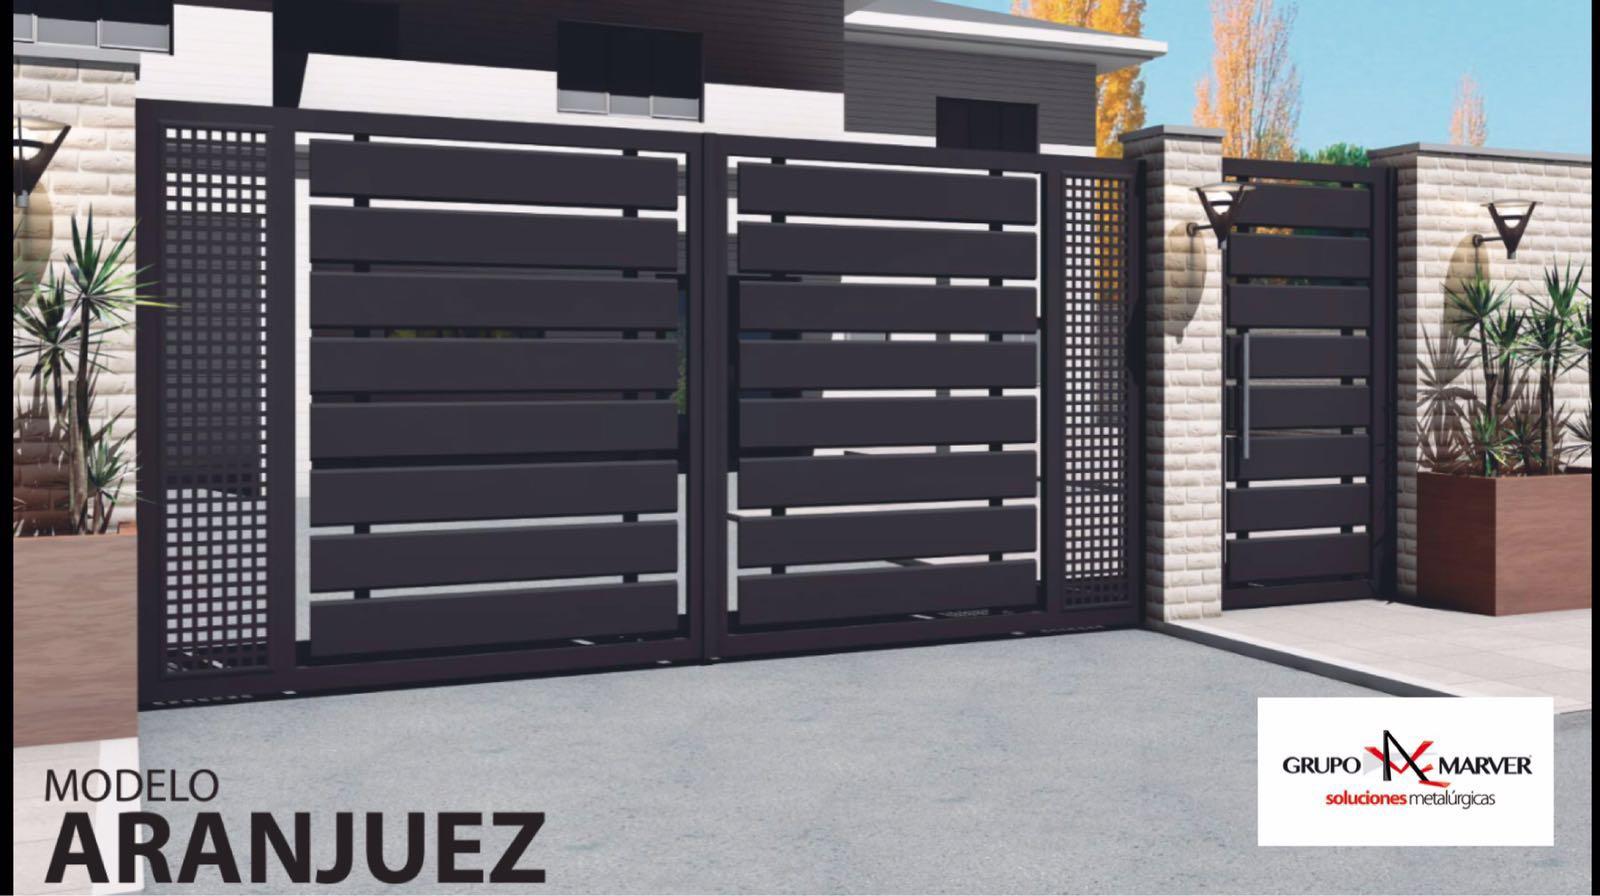 Grupo marver puertas de aluminio soldado patentadas for Rejas para puertas exteriores modernas